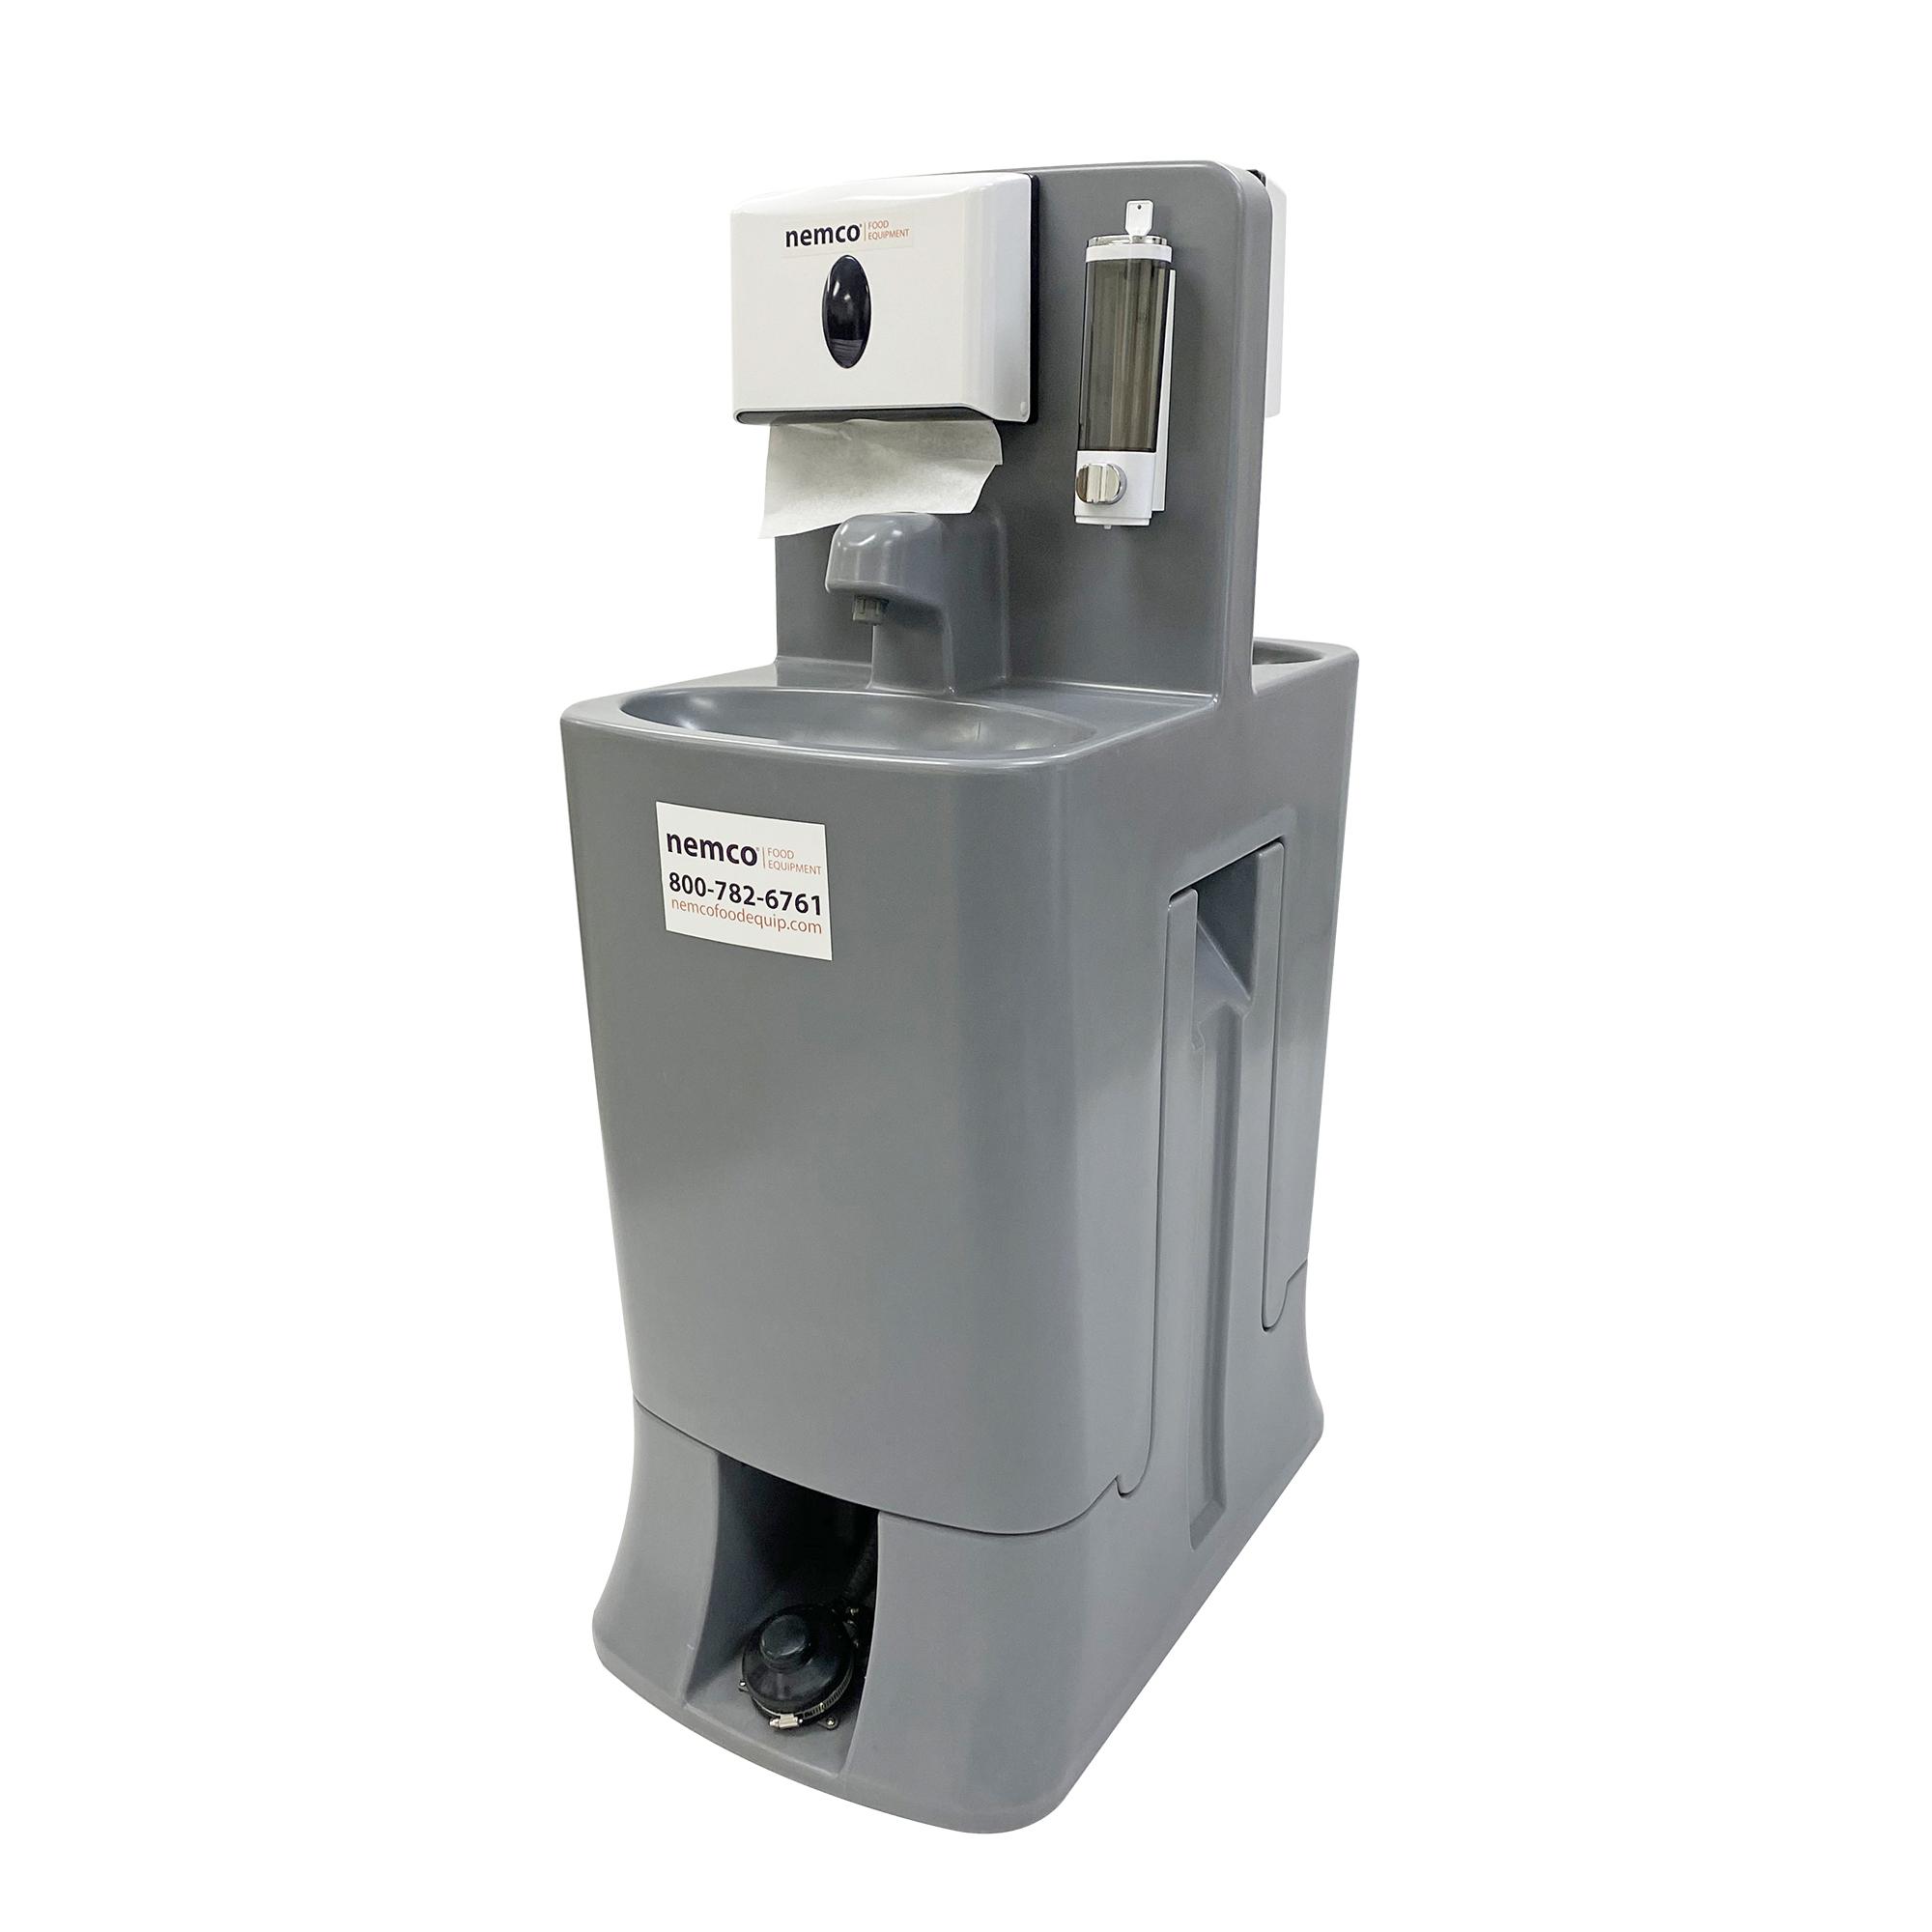 Nemco 69961 personal protective equipment